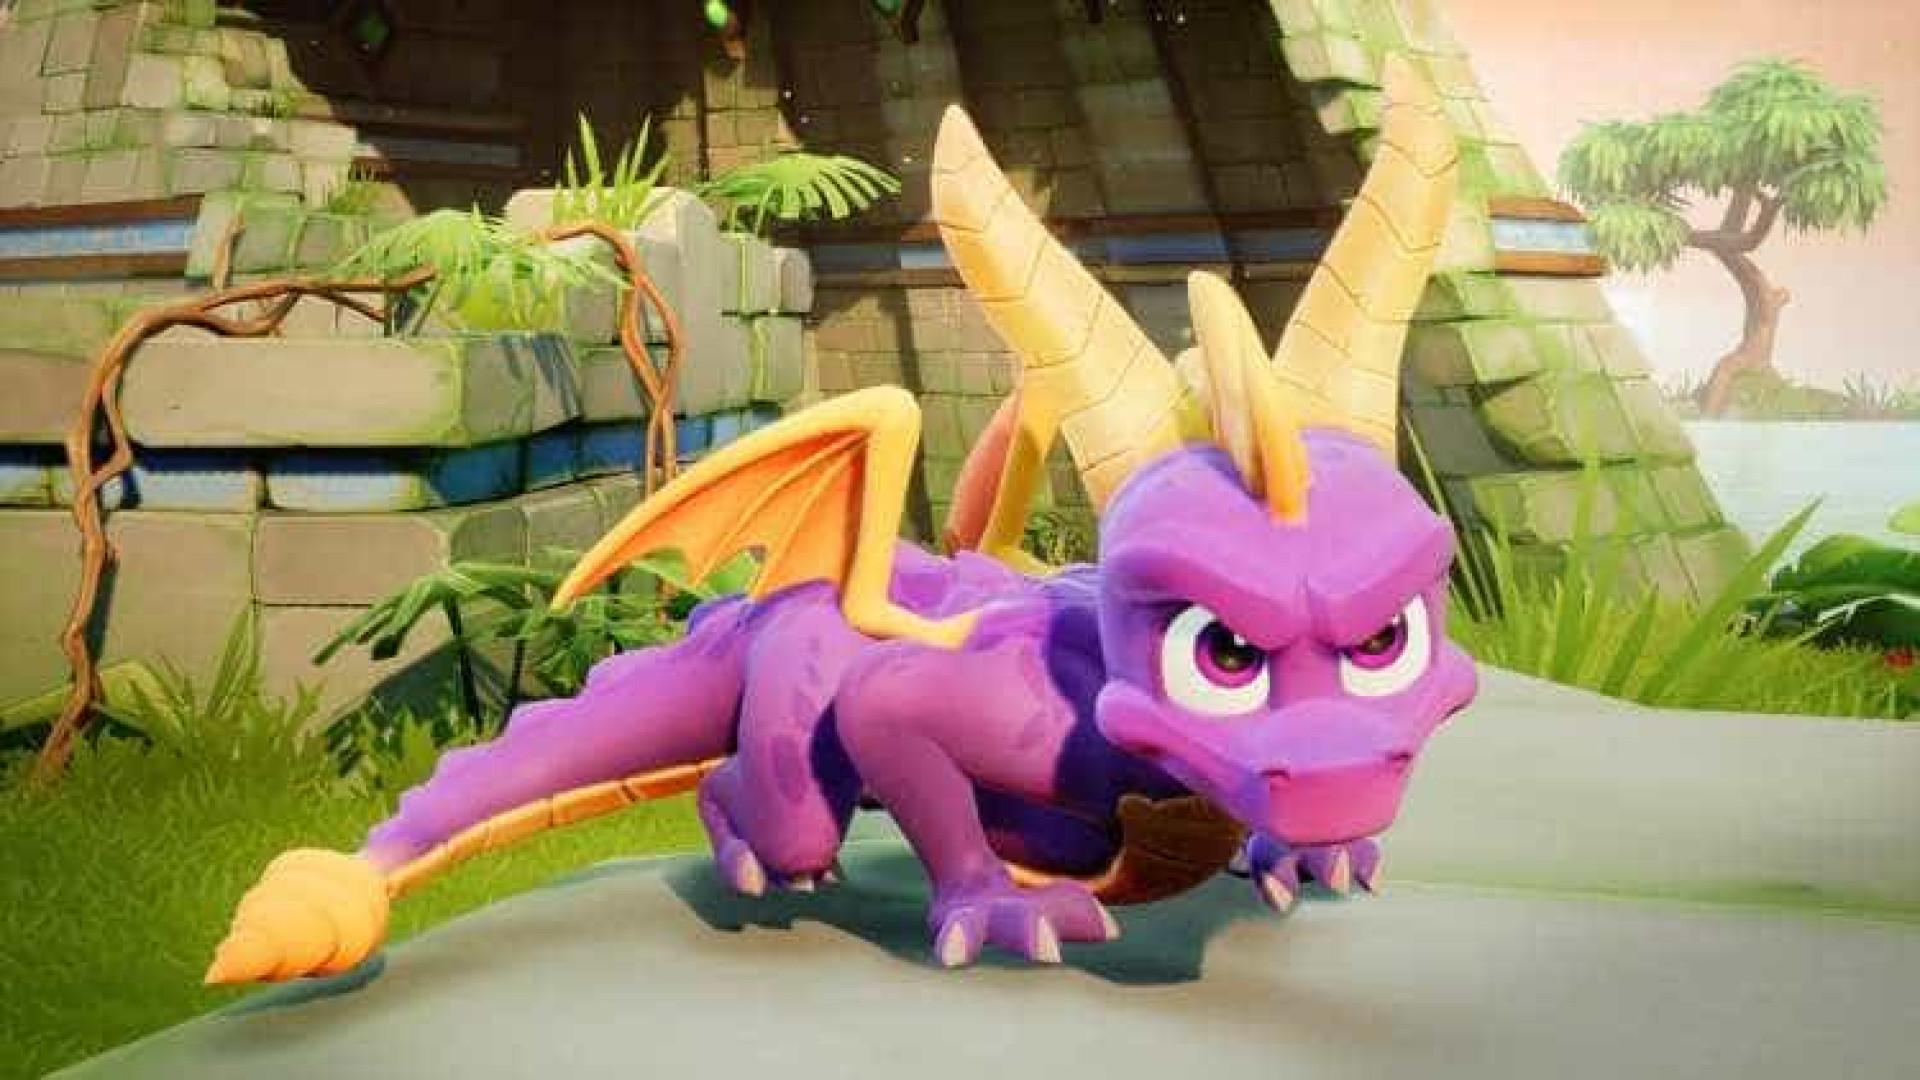 Pronto para a nostalgia? 'Spyro Reignited Trilogy' está quase a chegar